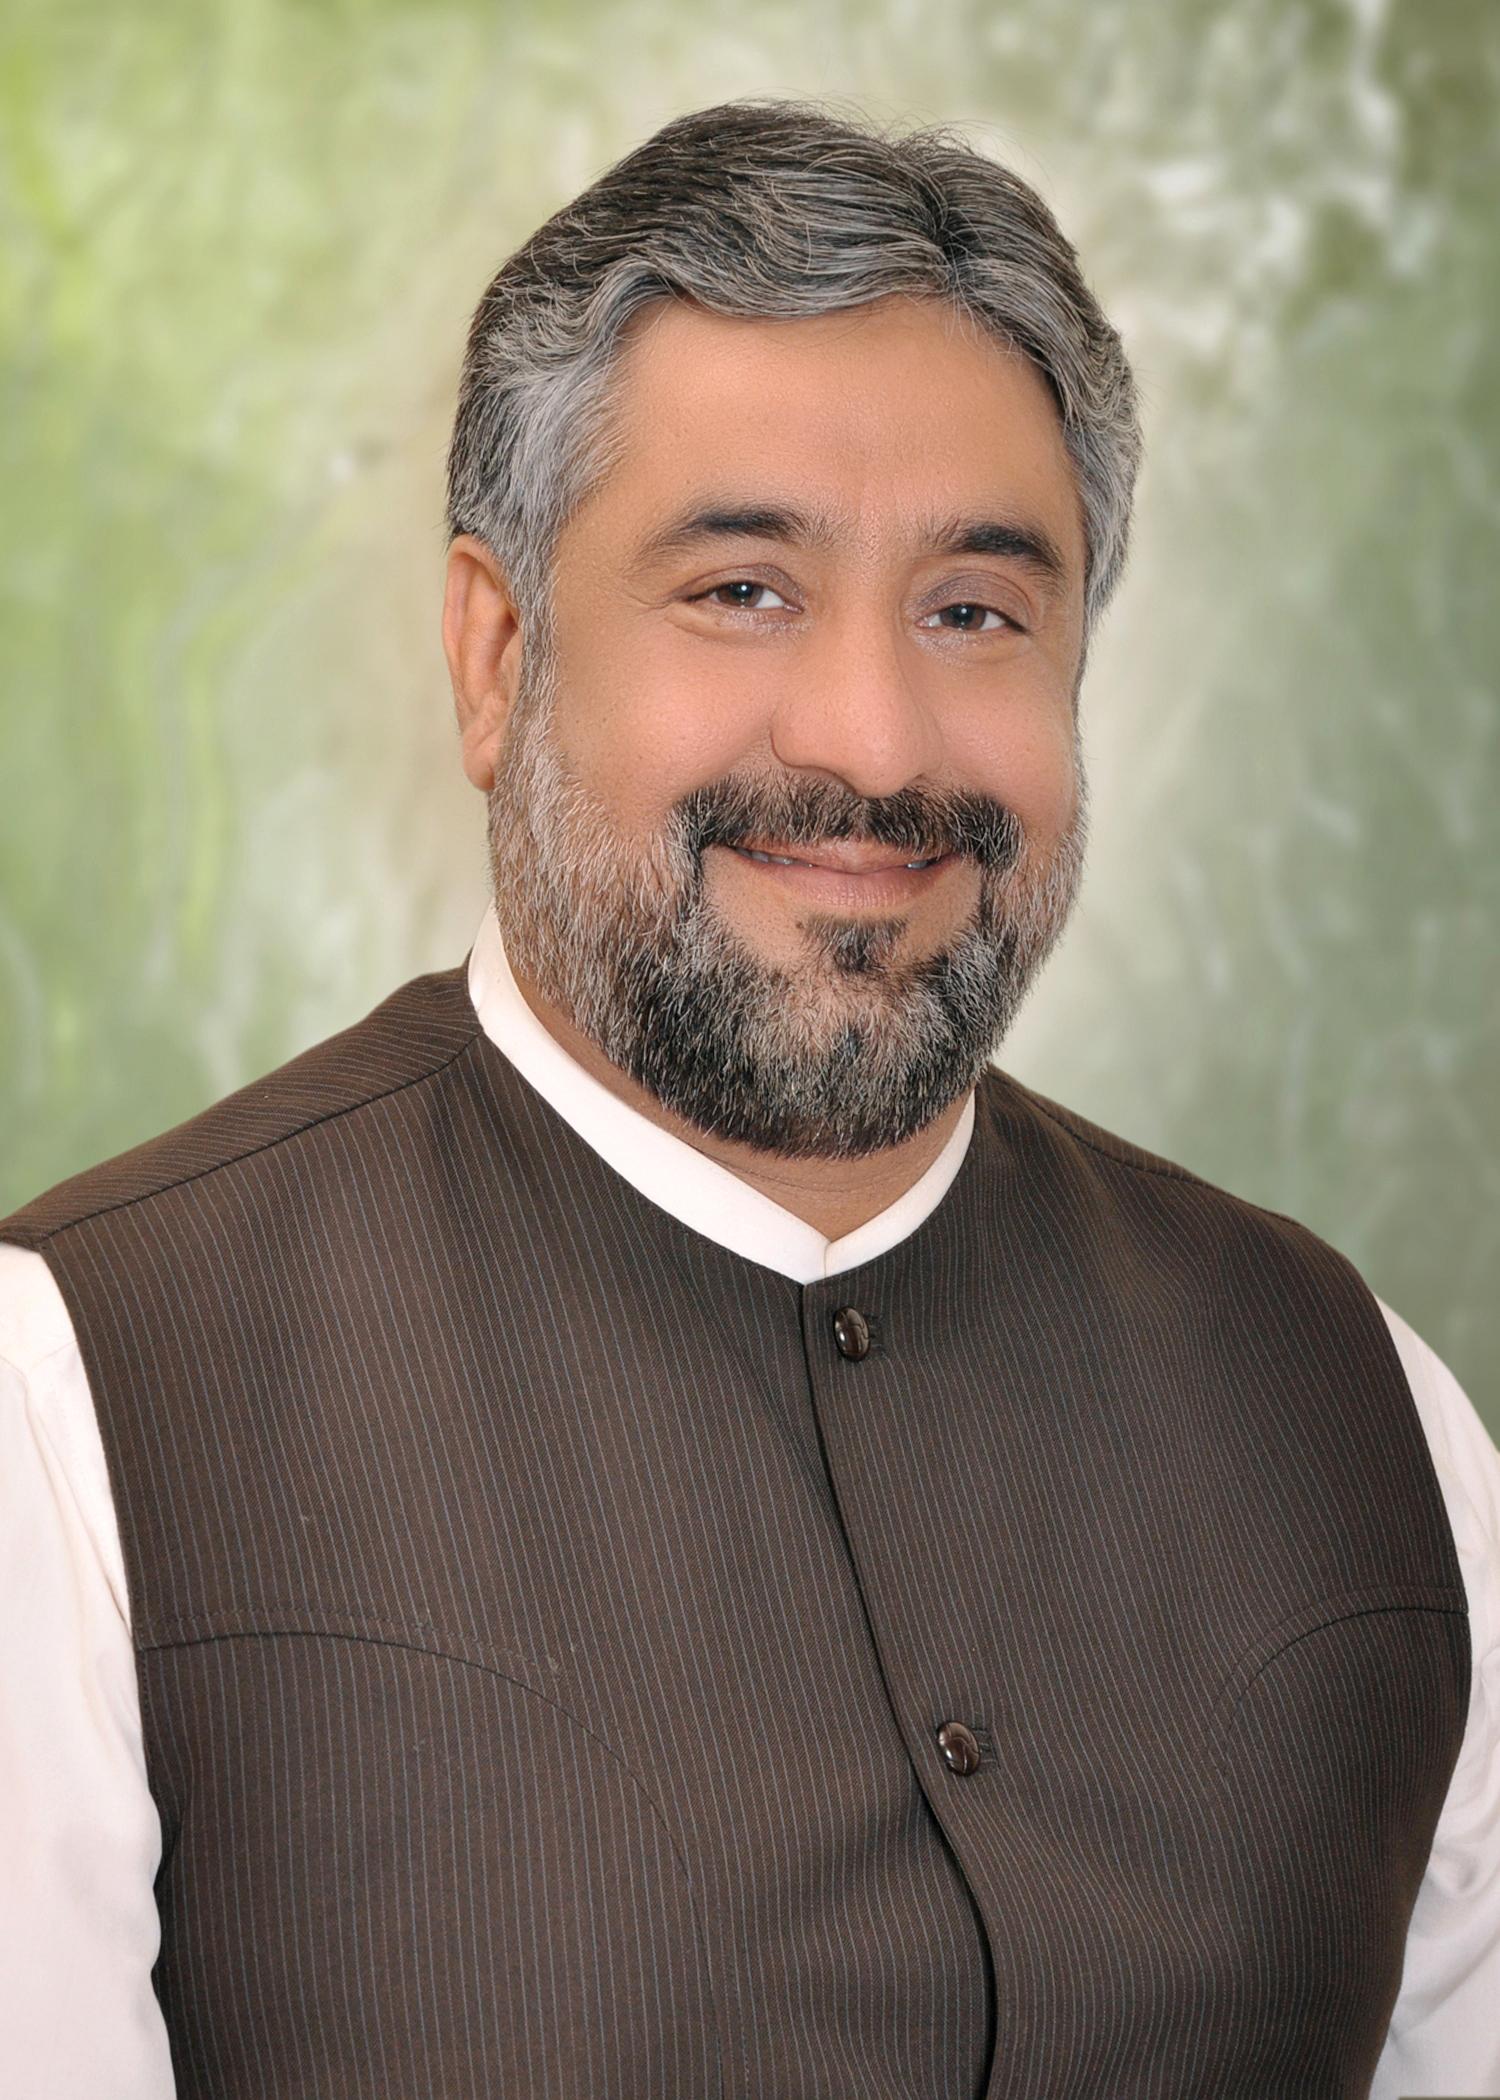 Waseem Akhtar Shaikh